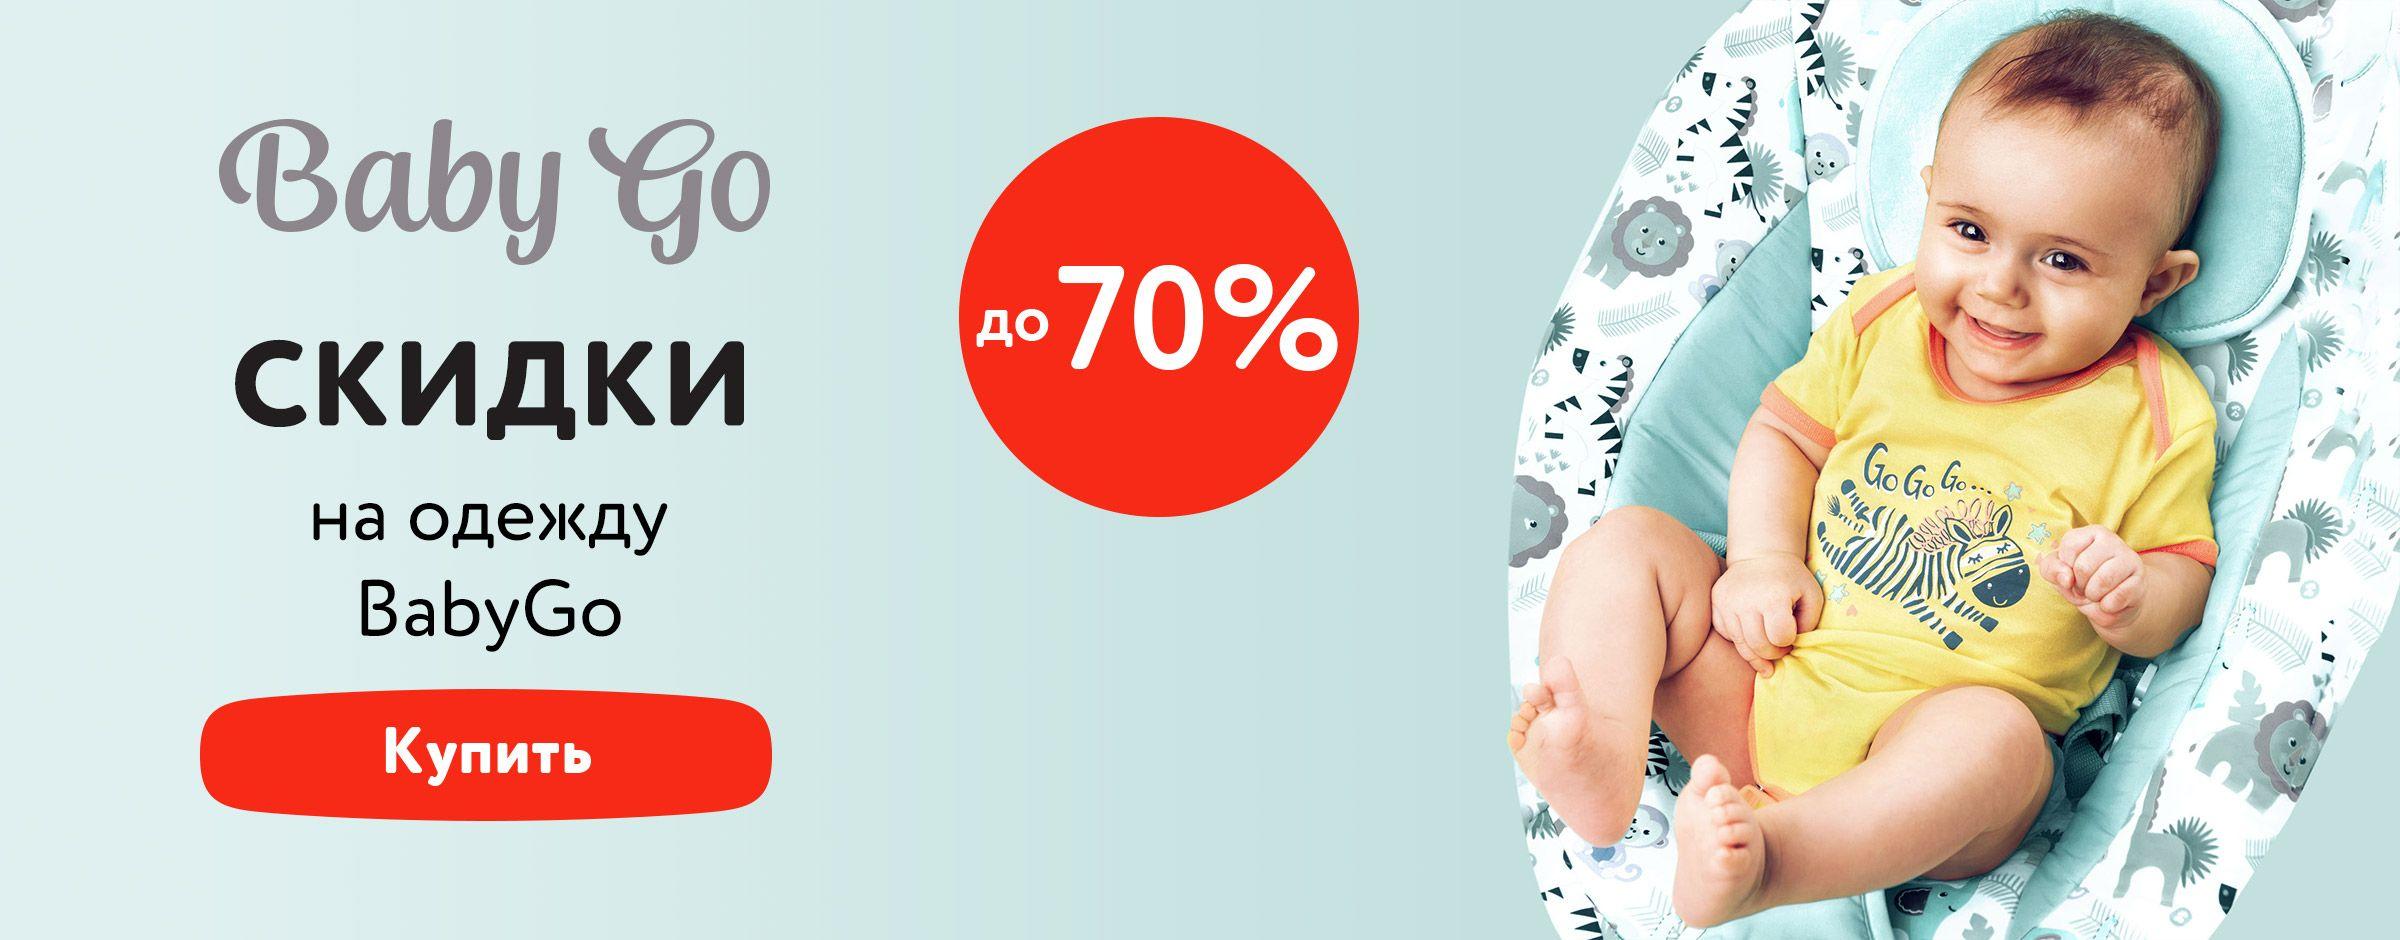 Скидки до 70% на одежду Baby Go